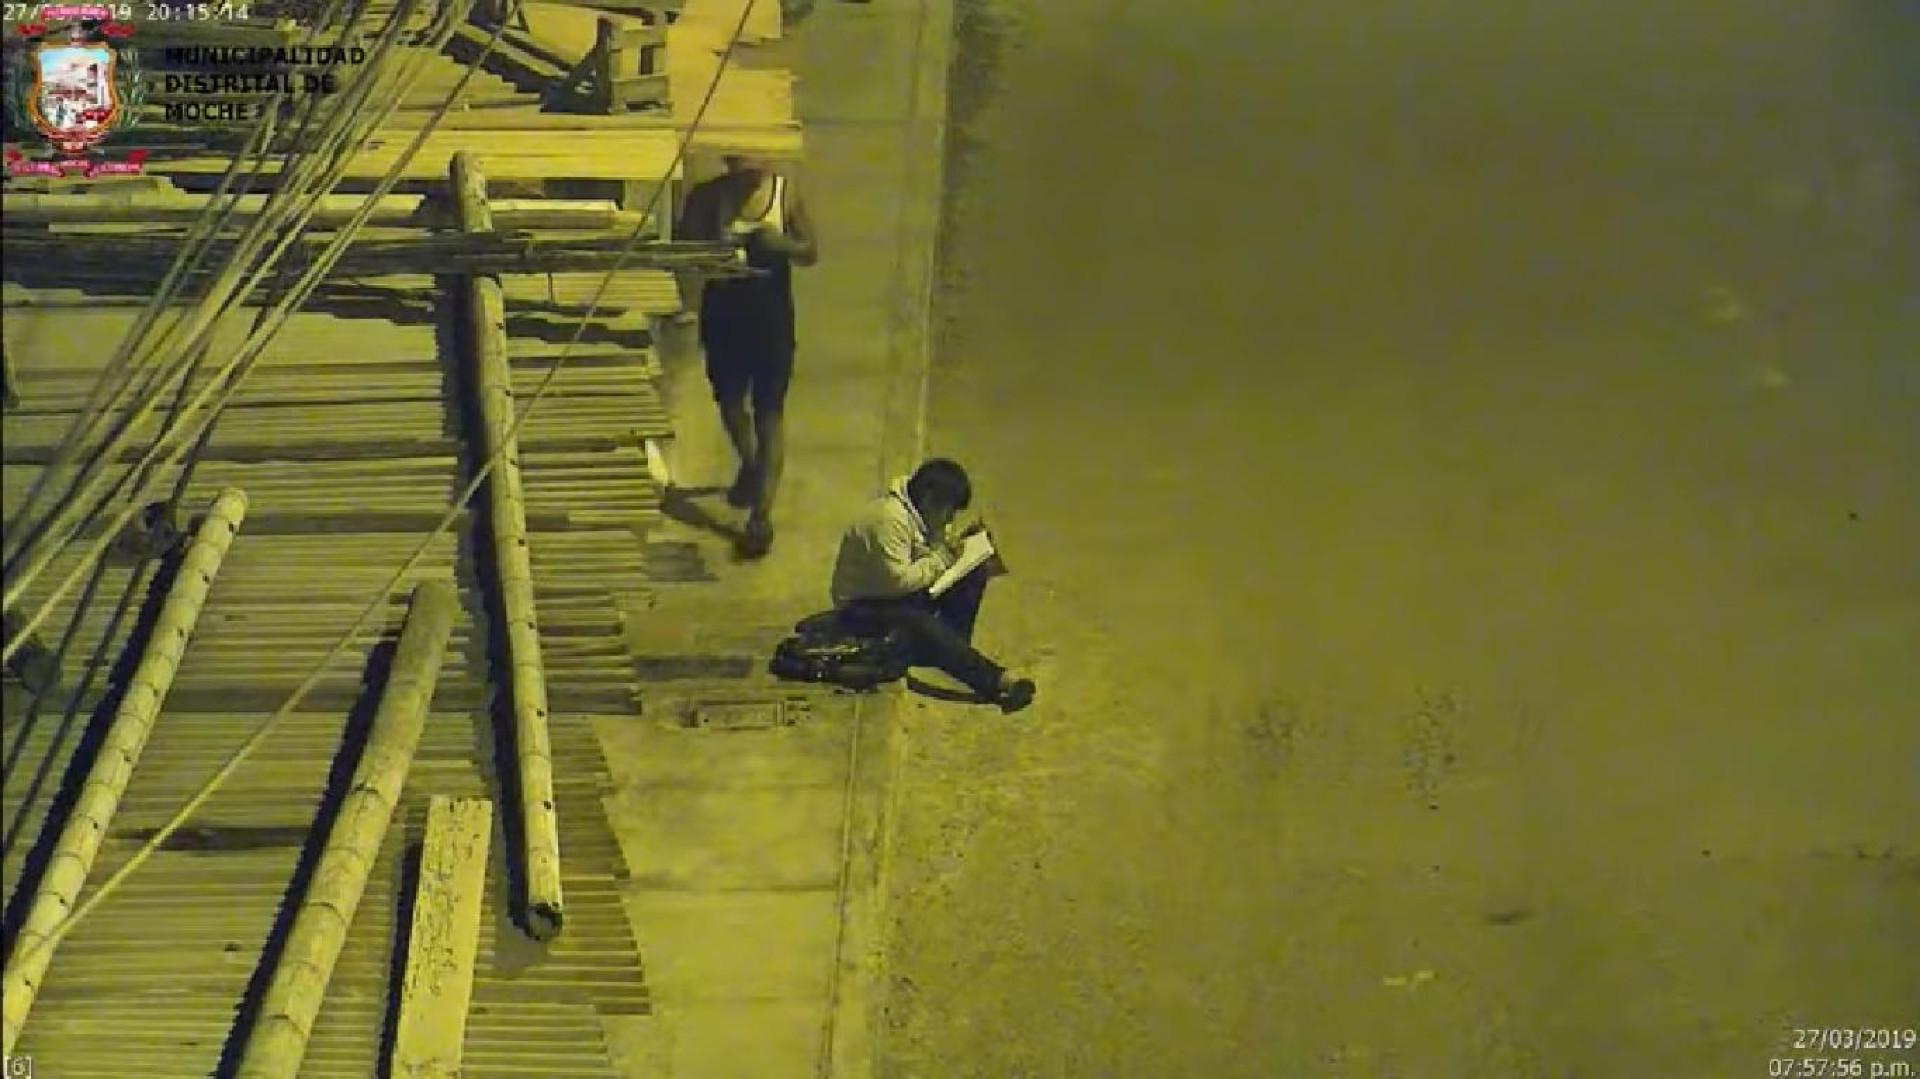 Sem luz em casa, menino estuda na rua. Vídeo enterneceu autarca do Peru